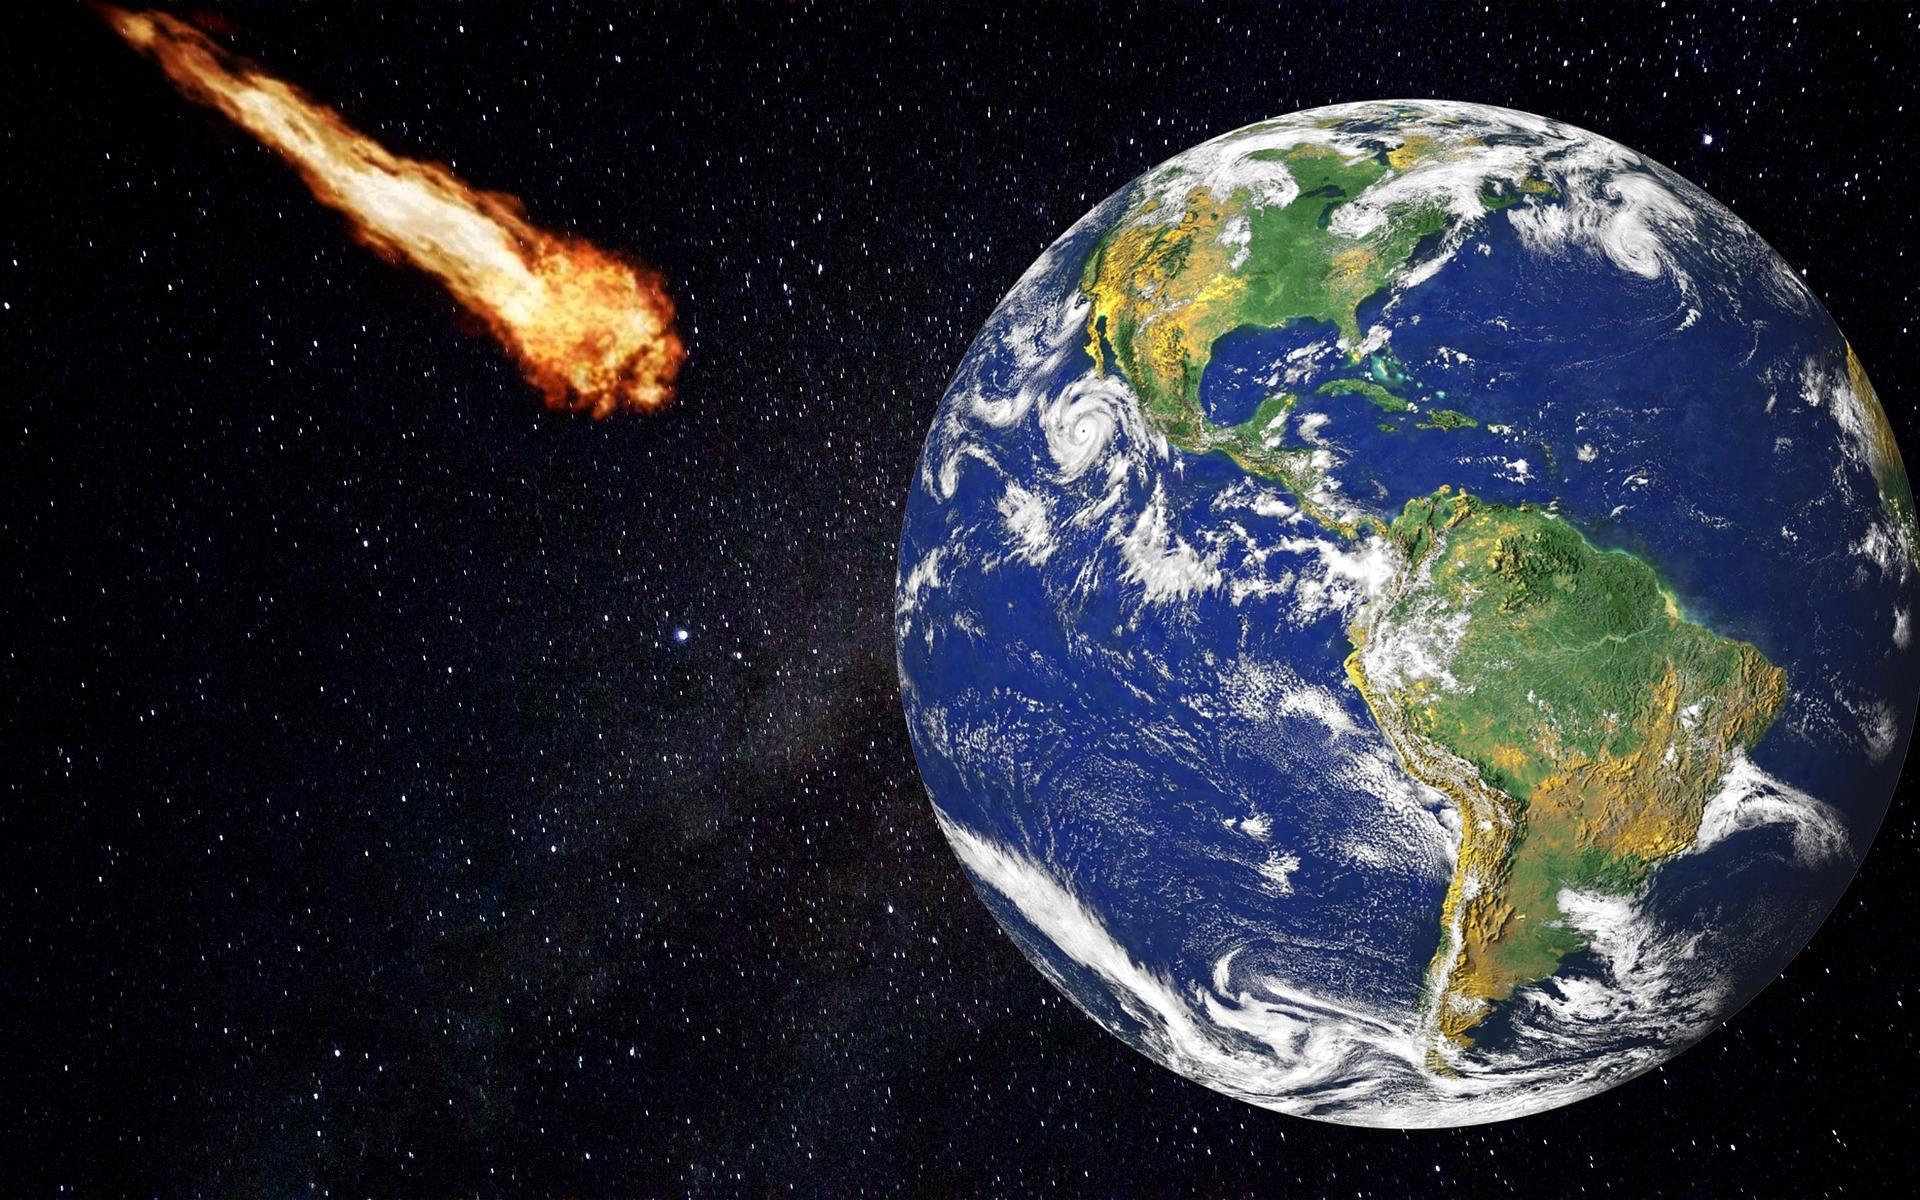 КЗемле движется астероид, ноученые успокаивают: причин для паники нет